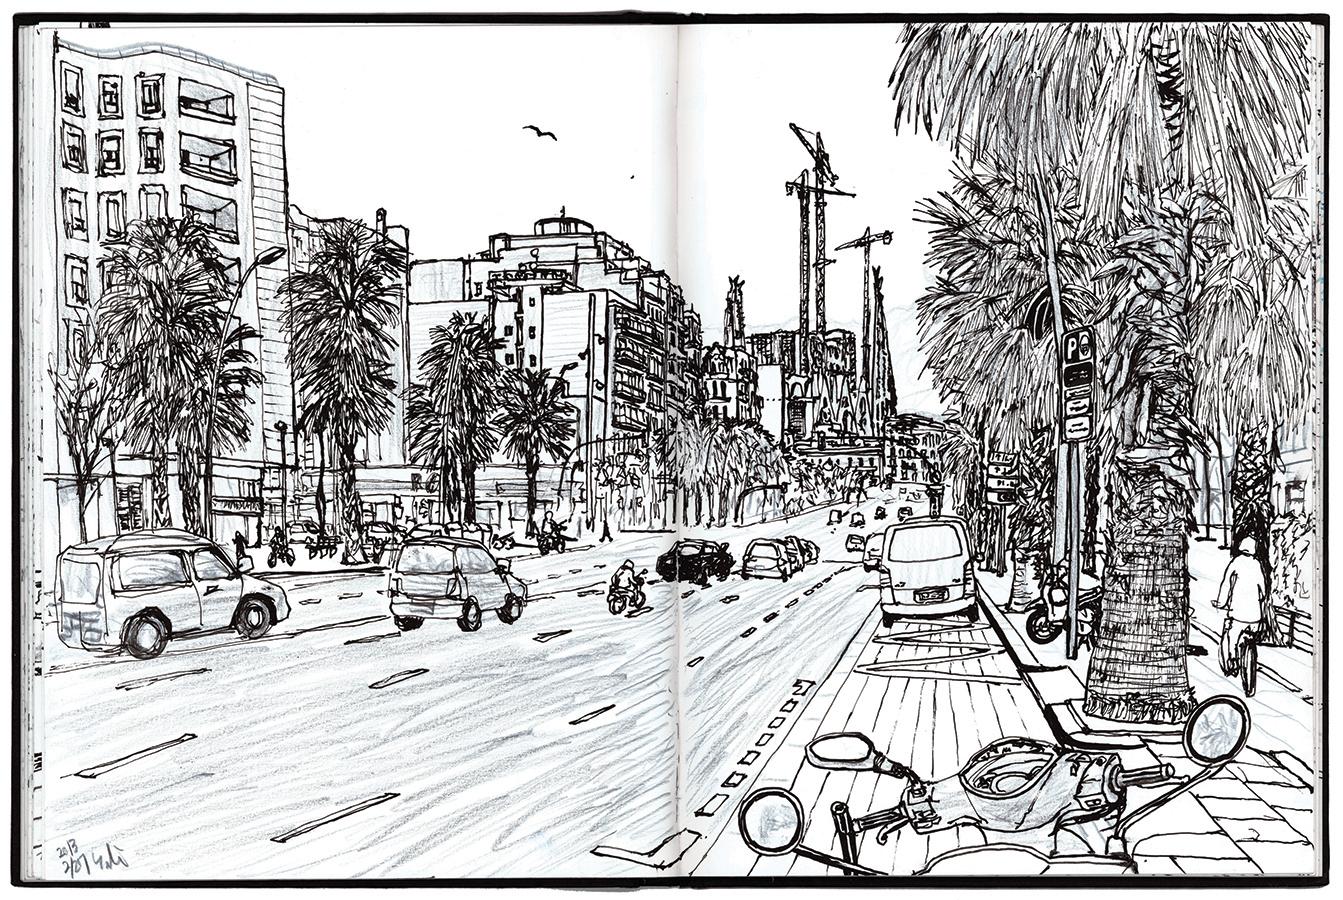 Dibujo de los coches subiendo hacia Sagrada Família pasando Carrer de la Marina en Barcelona